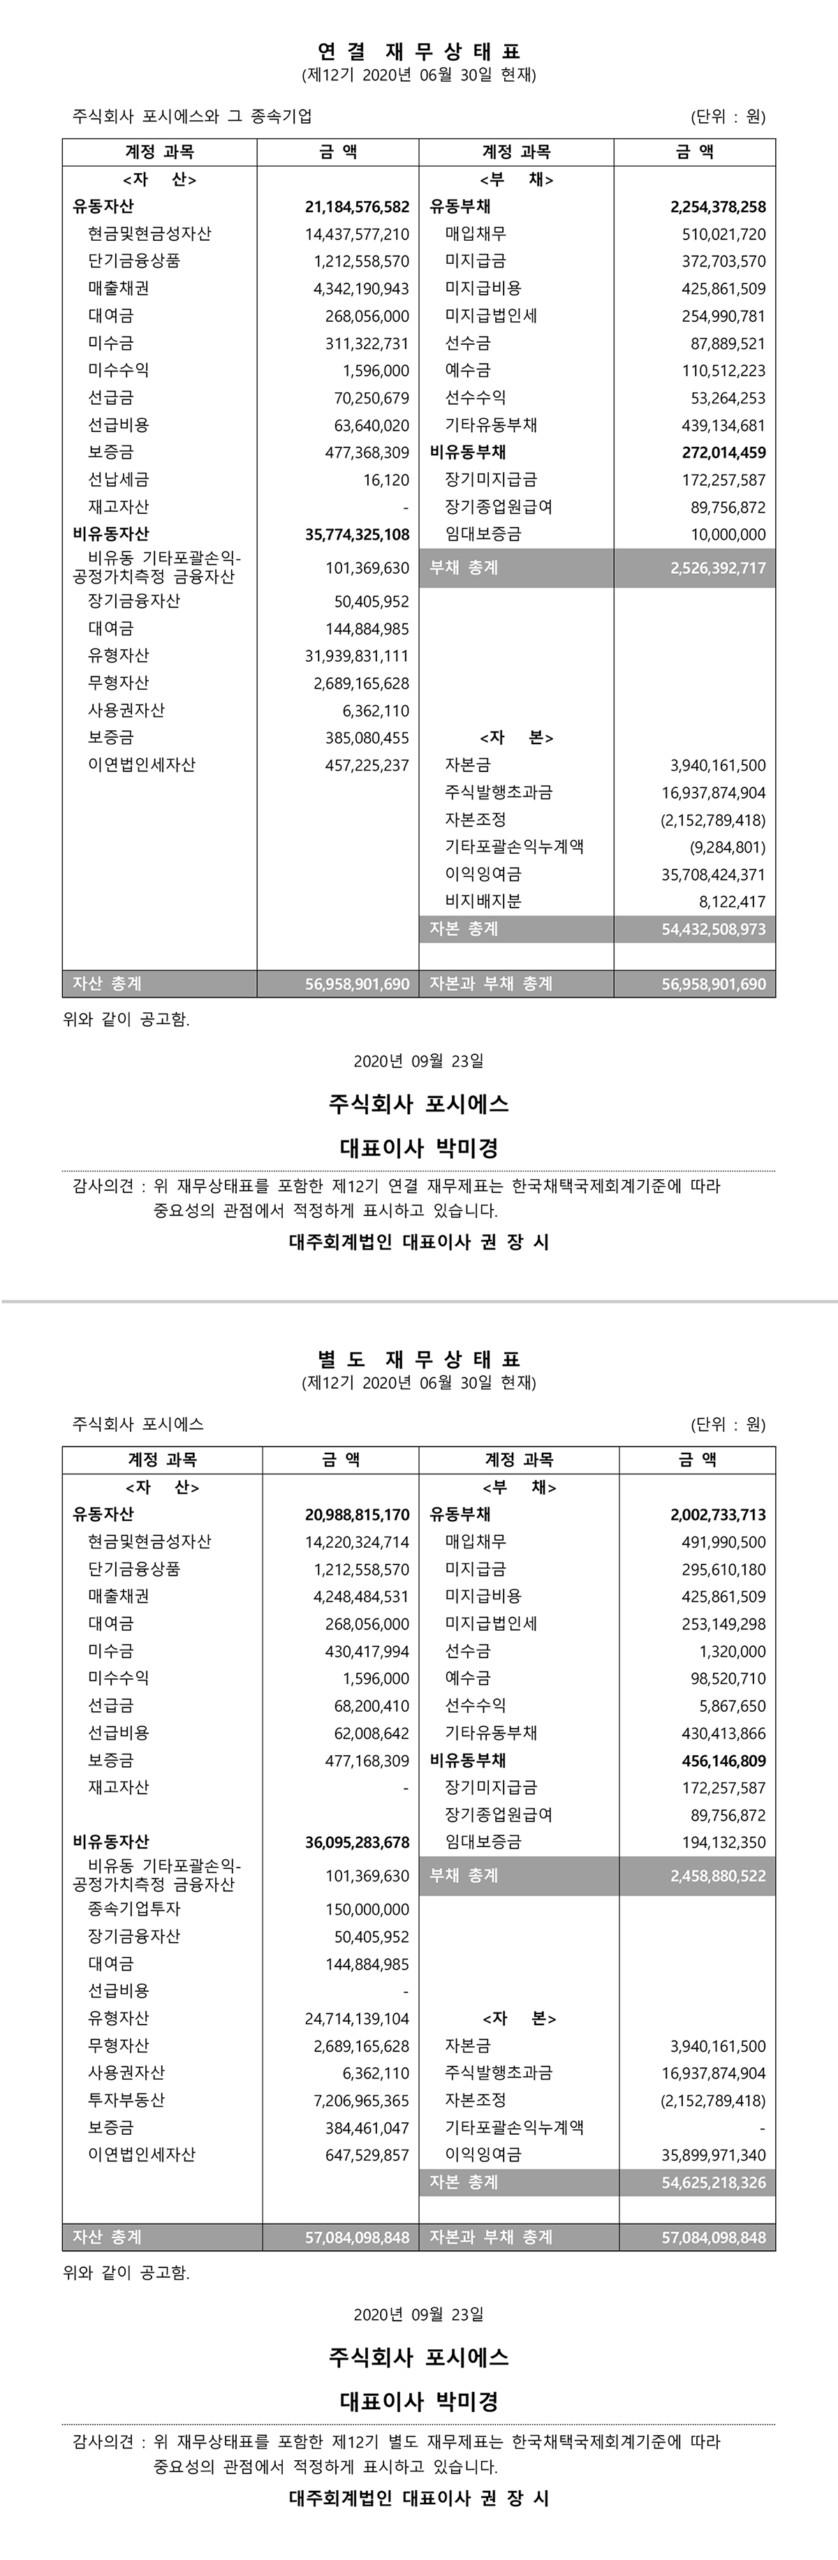 20200923-제12기 주주총회 결산공고